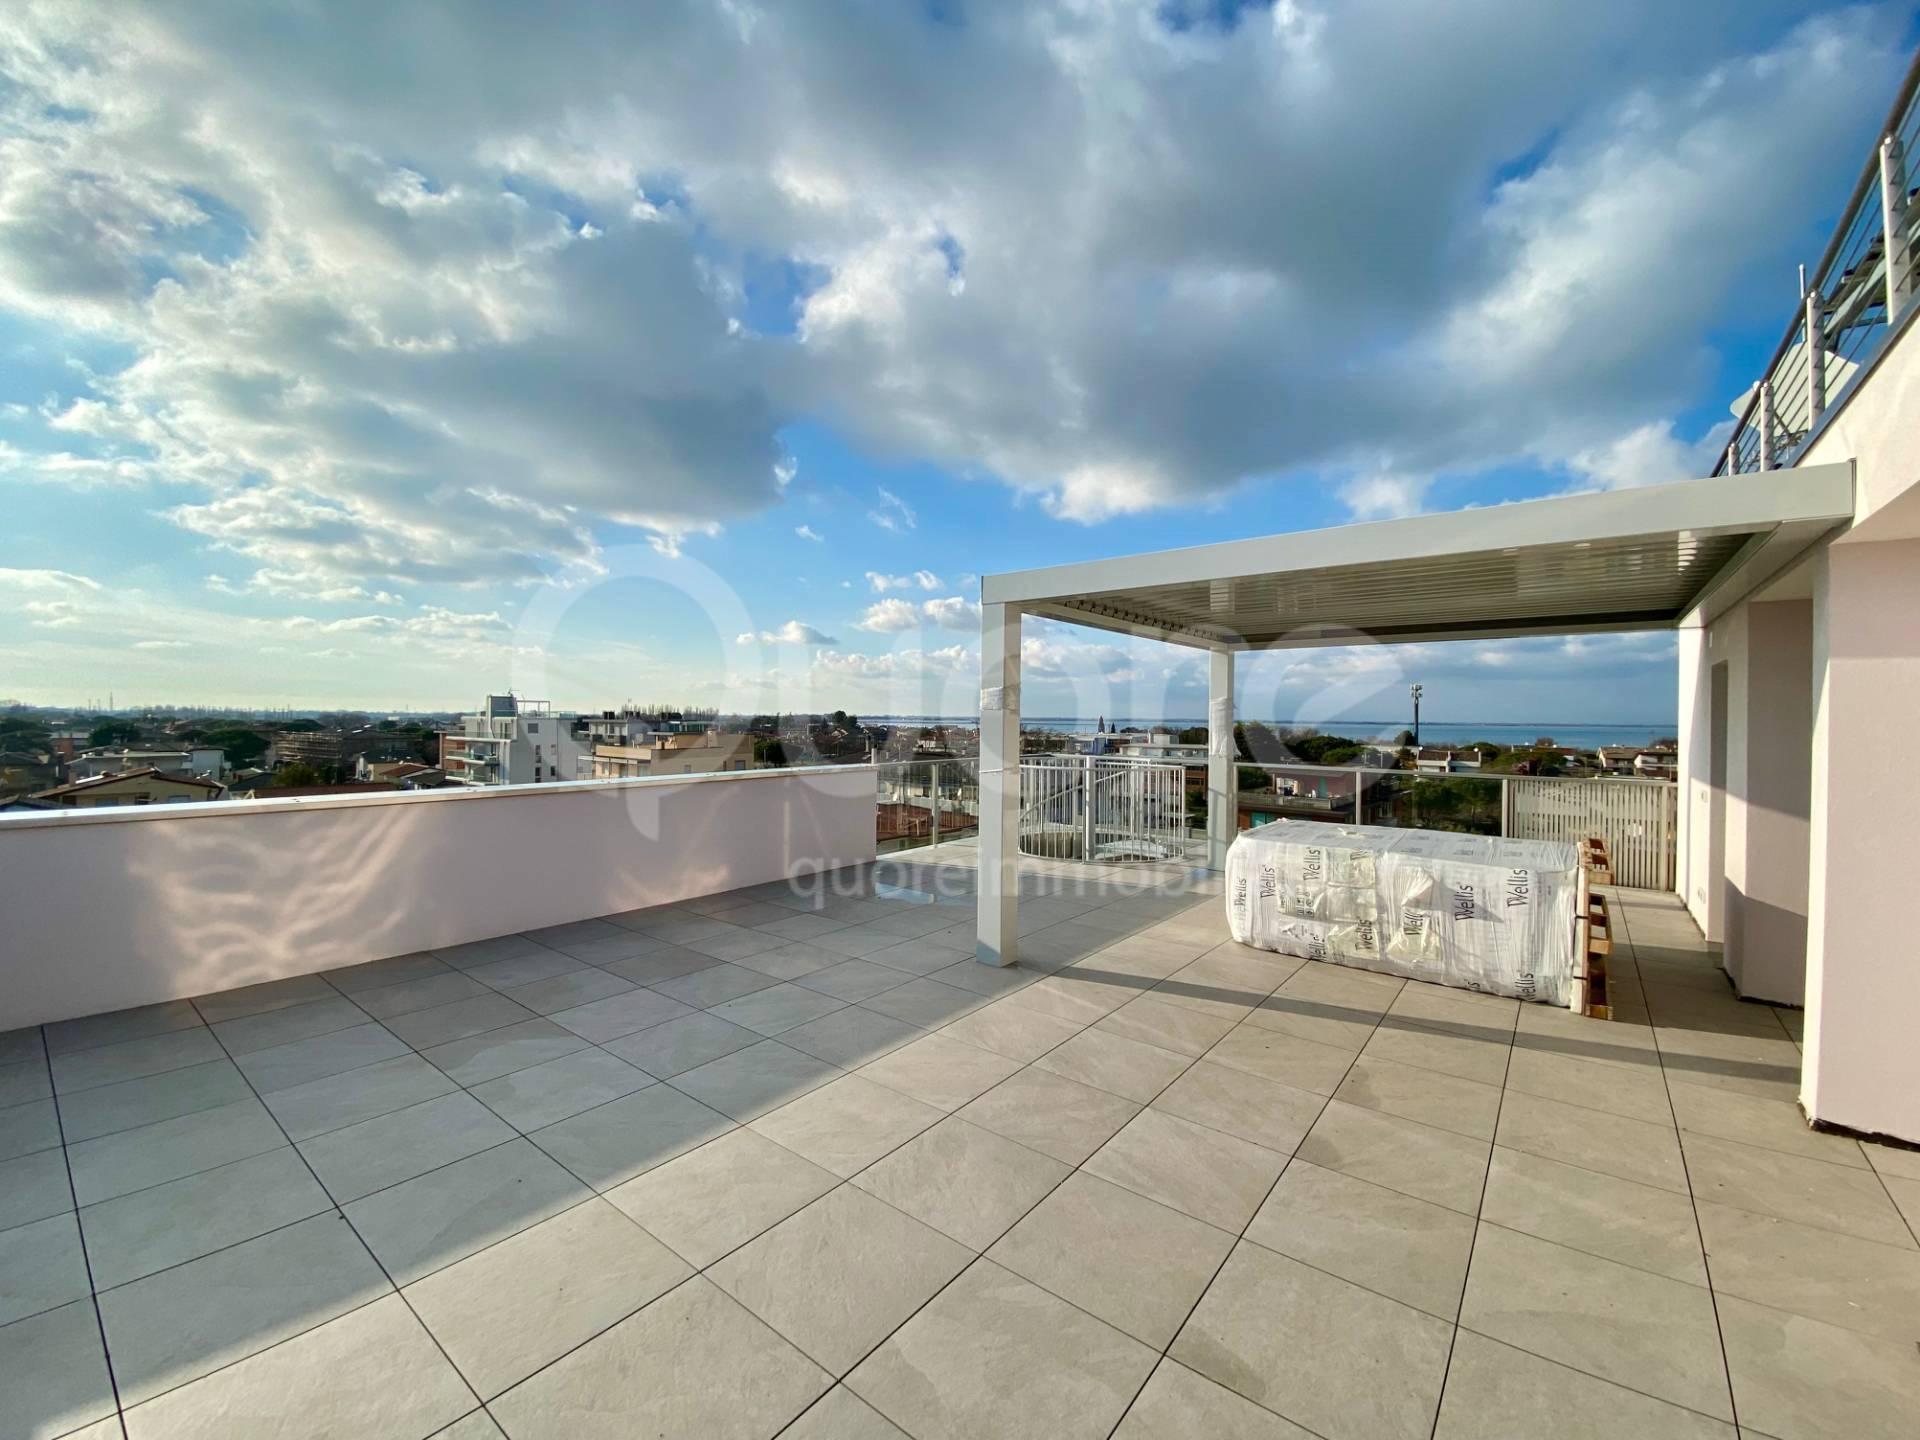 Appartamento in vendita a Lignano Sabbiadoro, 3 locali, prezzo € 475.000   CambioCasa.it